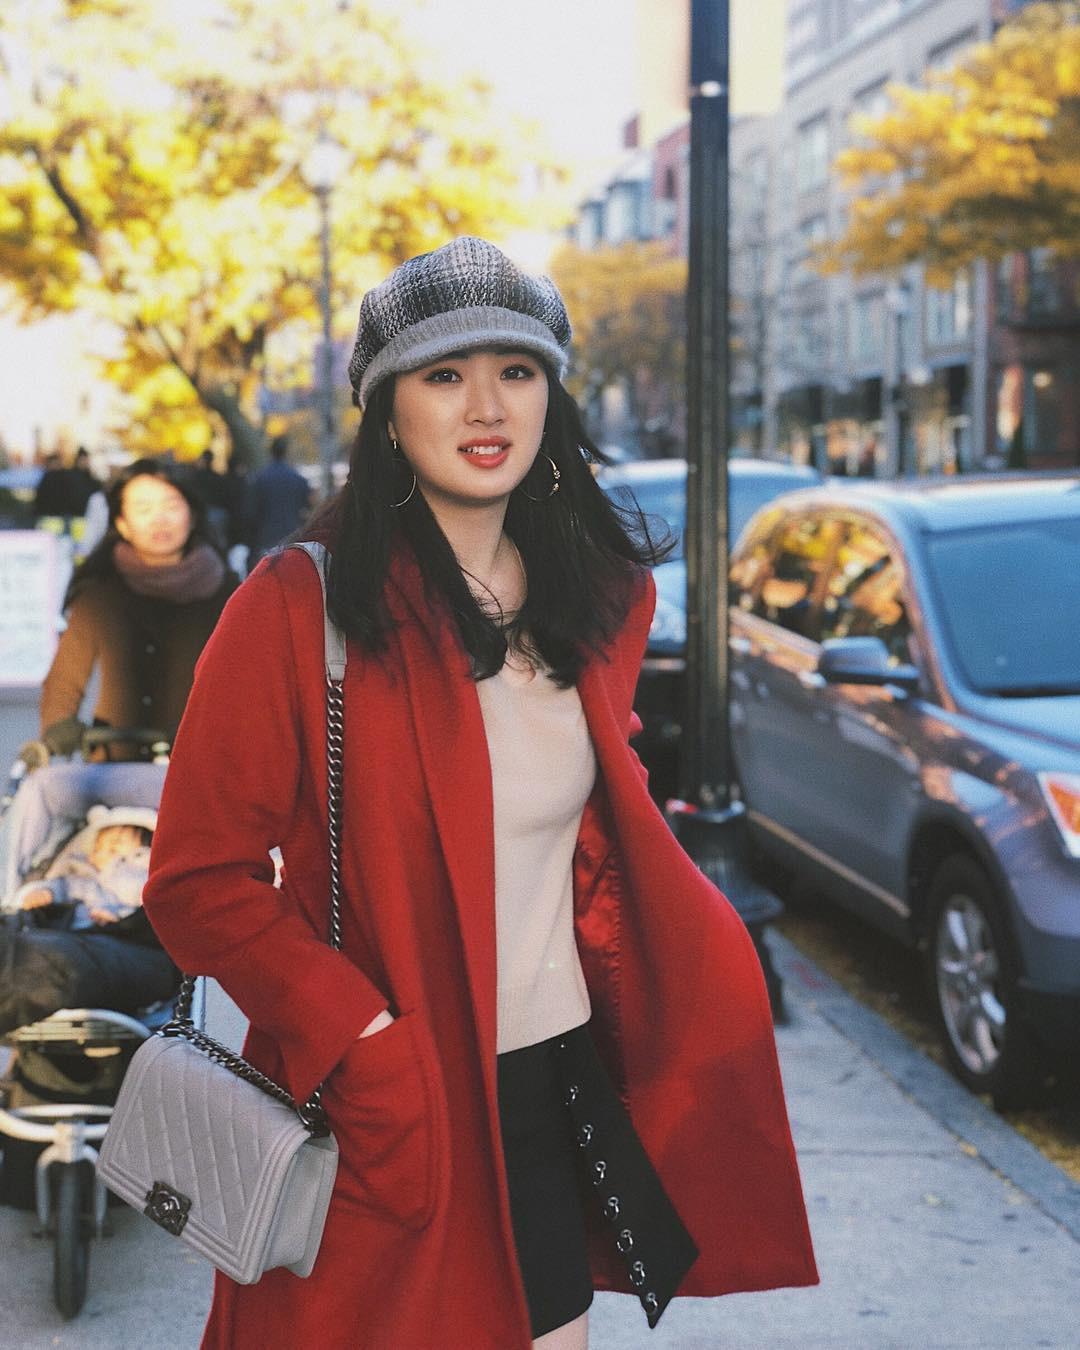 Con gái út ông trùm Huawei: Đã xinh đẹp còn học trường Harvard danh tiếng, mê viết code không kém gì ba lê và thời trang - Ảnh 10.